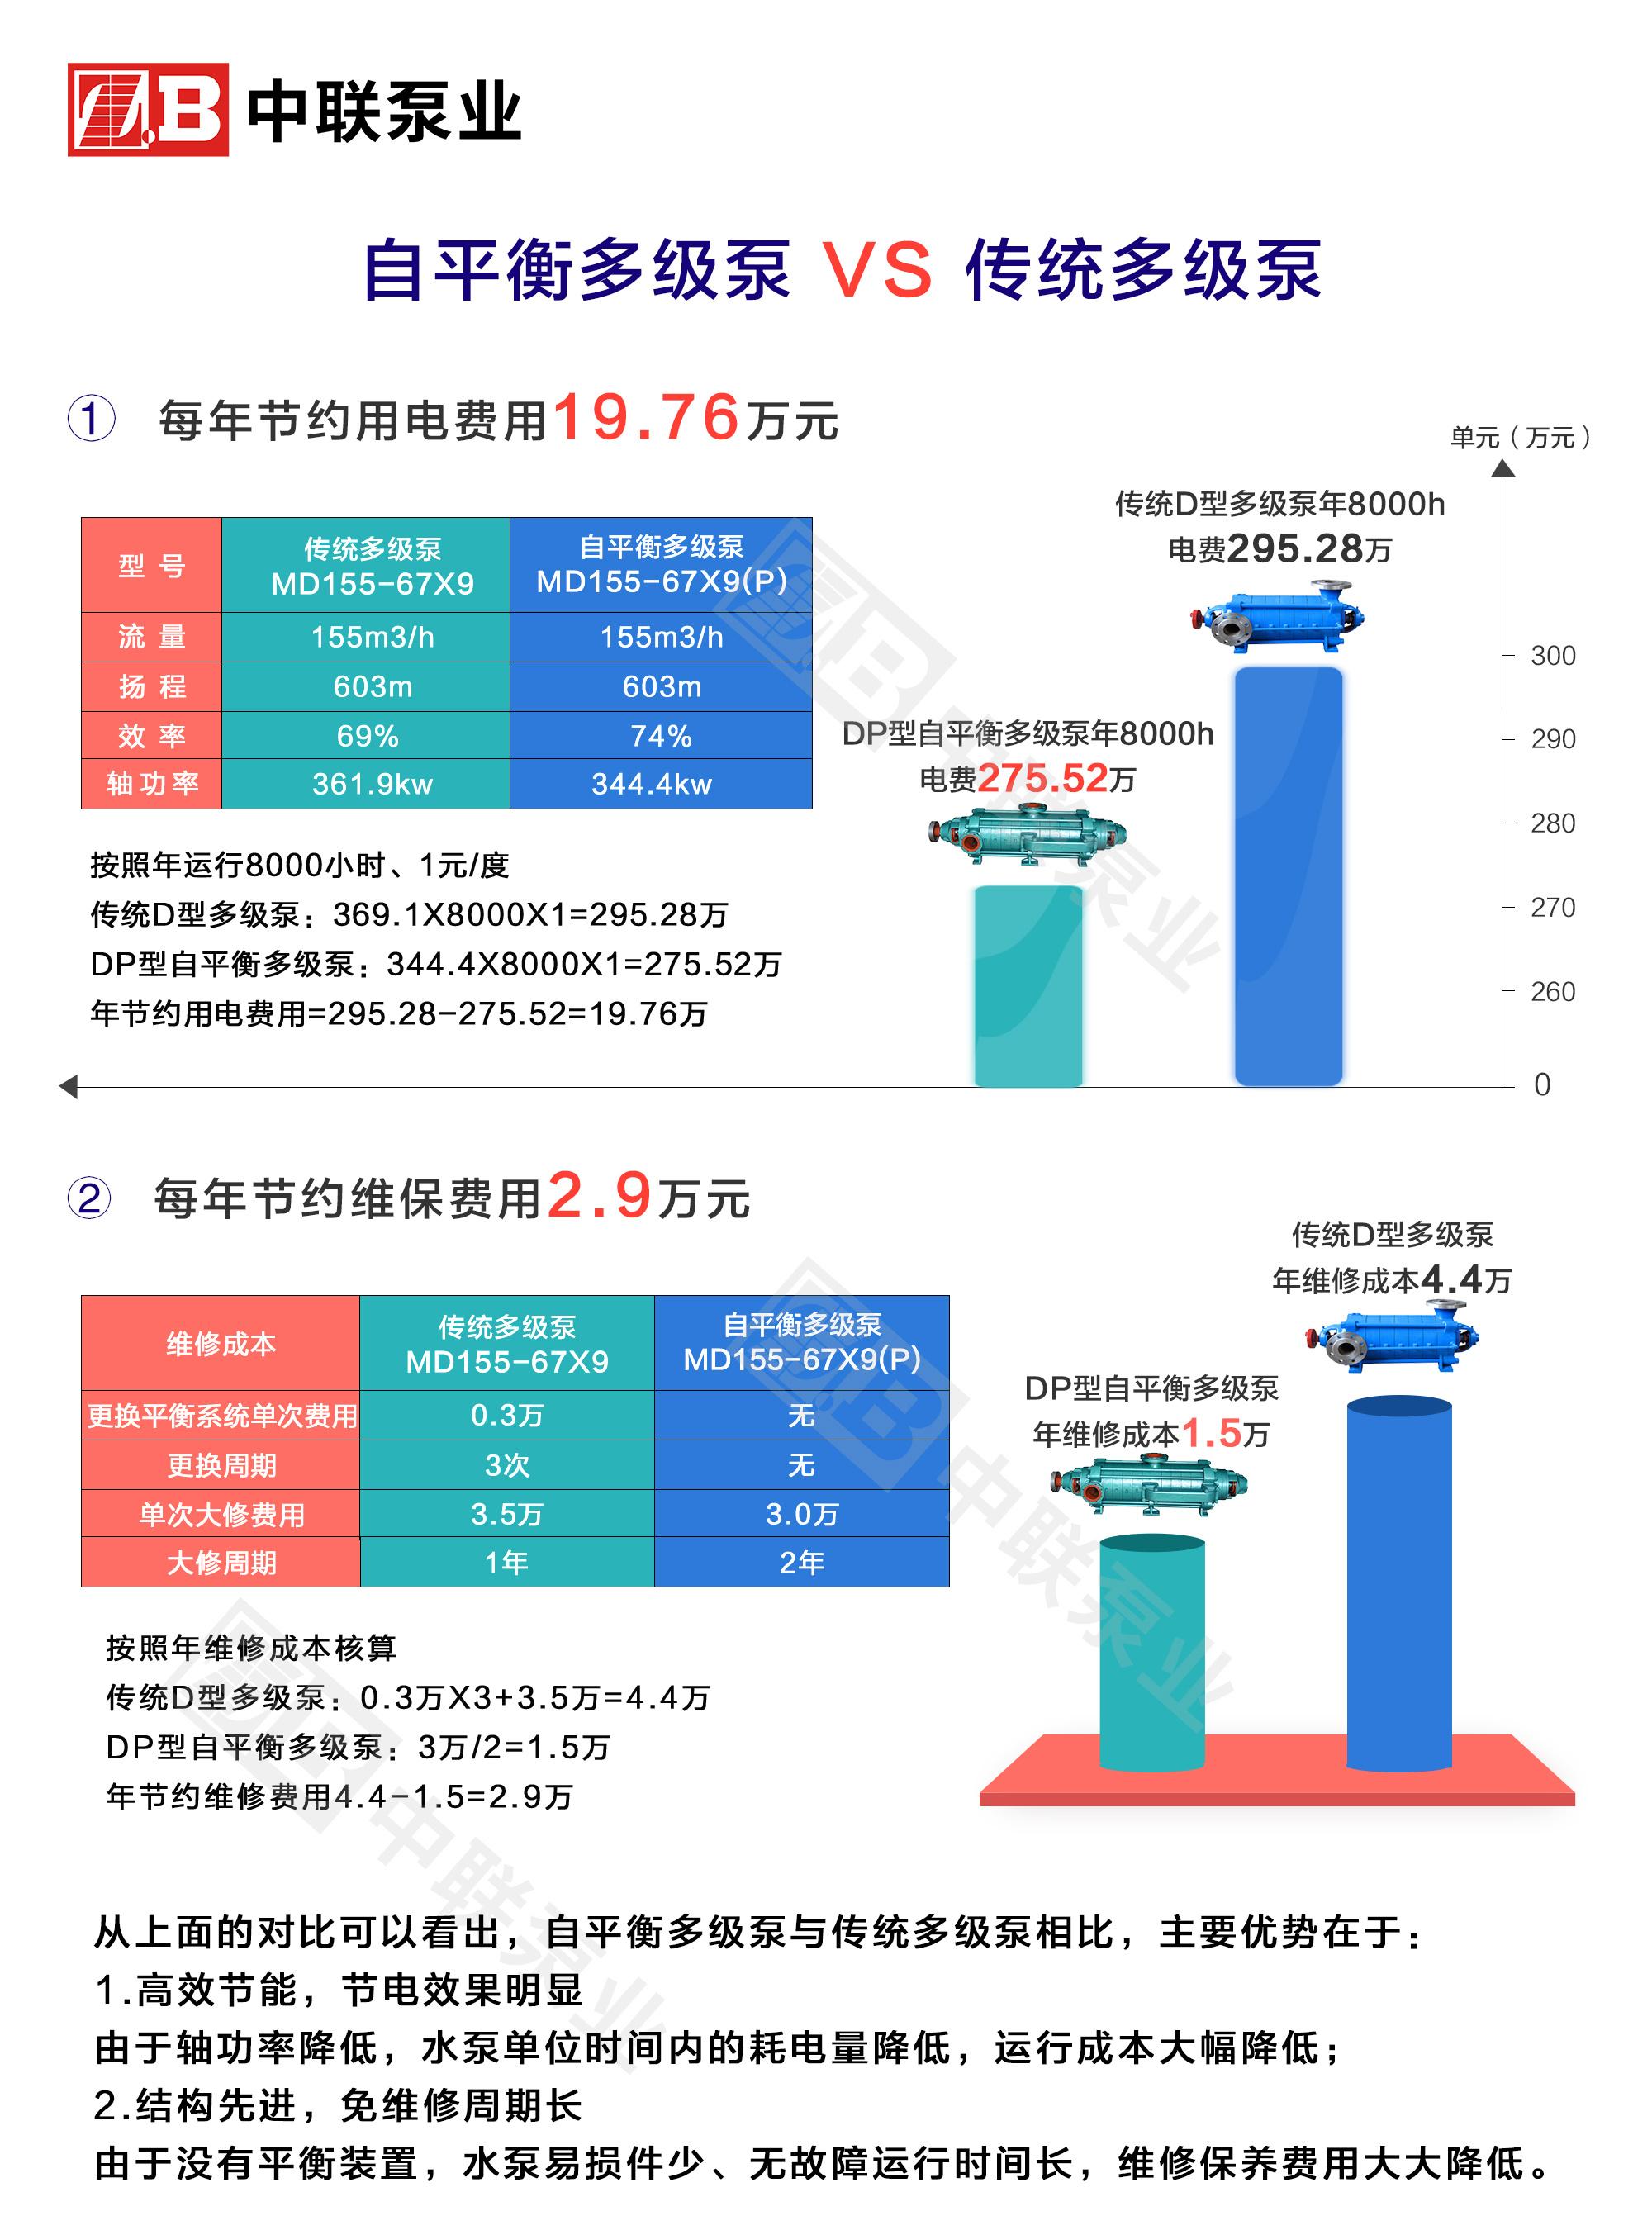 自平衡多级泵与传统多级泵成本分析